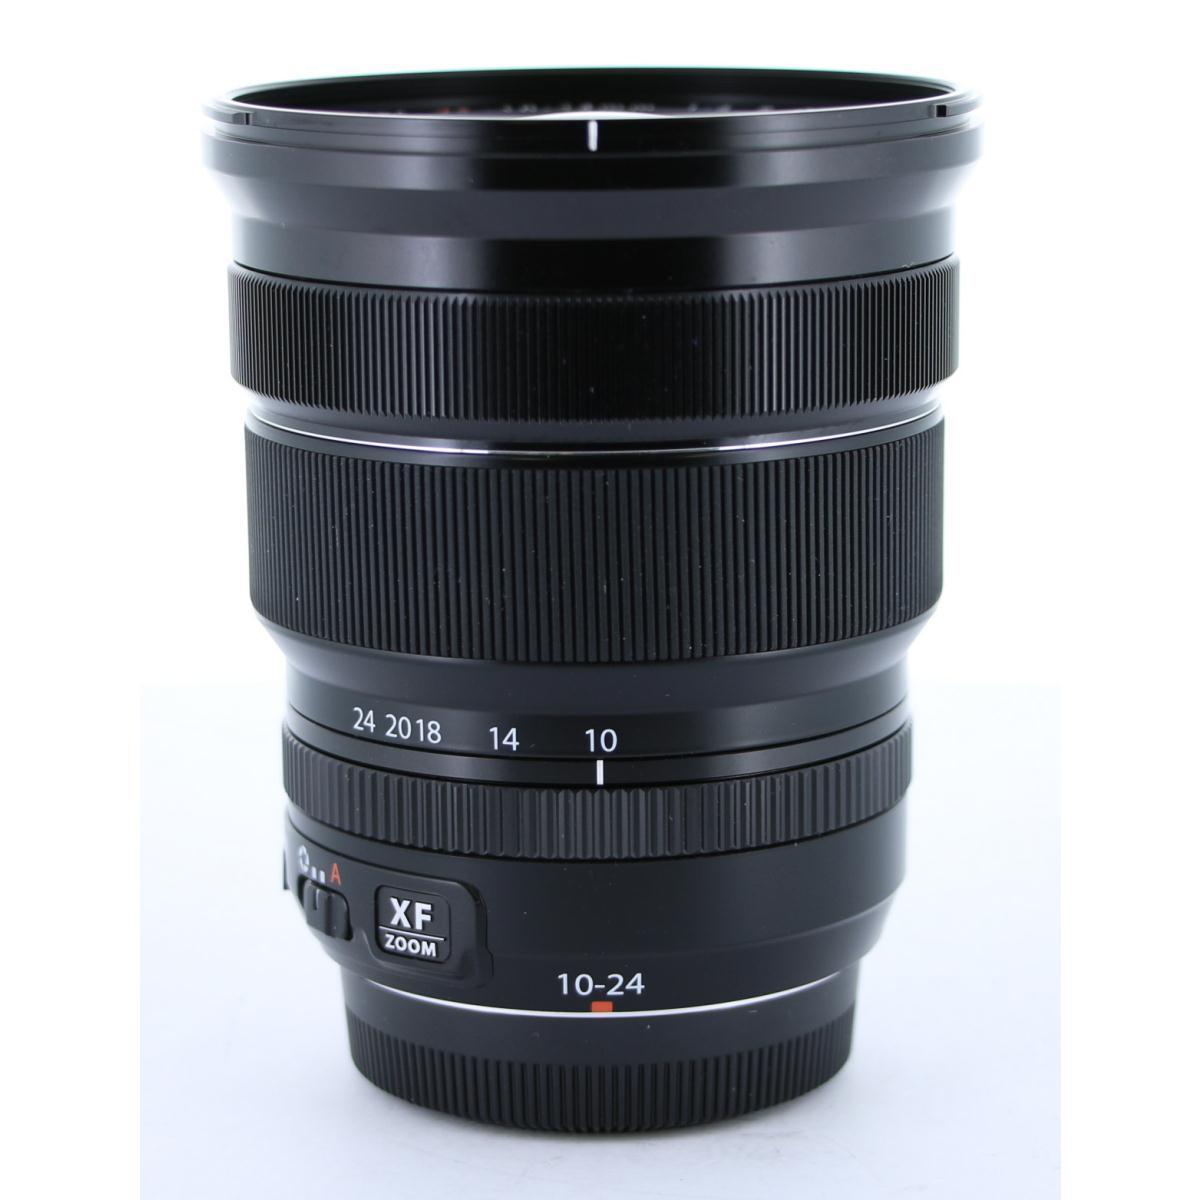 いいスタイル FUJIFILM XF10-24mm F4R F4R OIS【中古】, bi-sai:8556be59 --- asiametresources.com